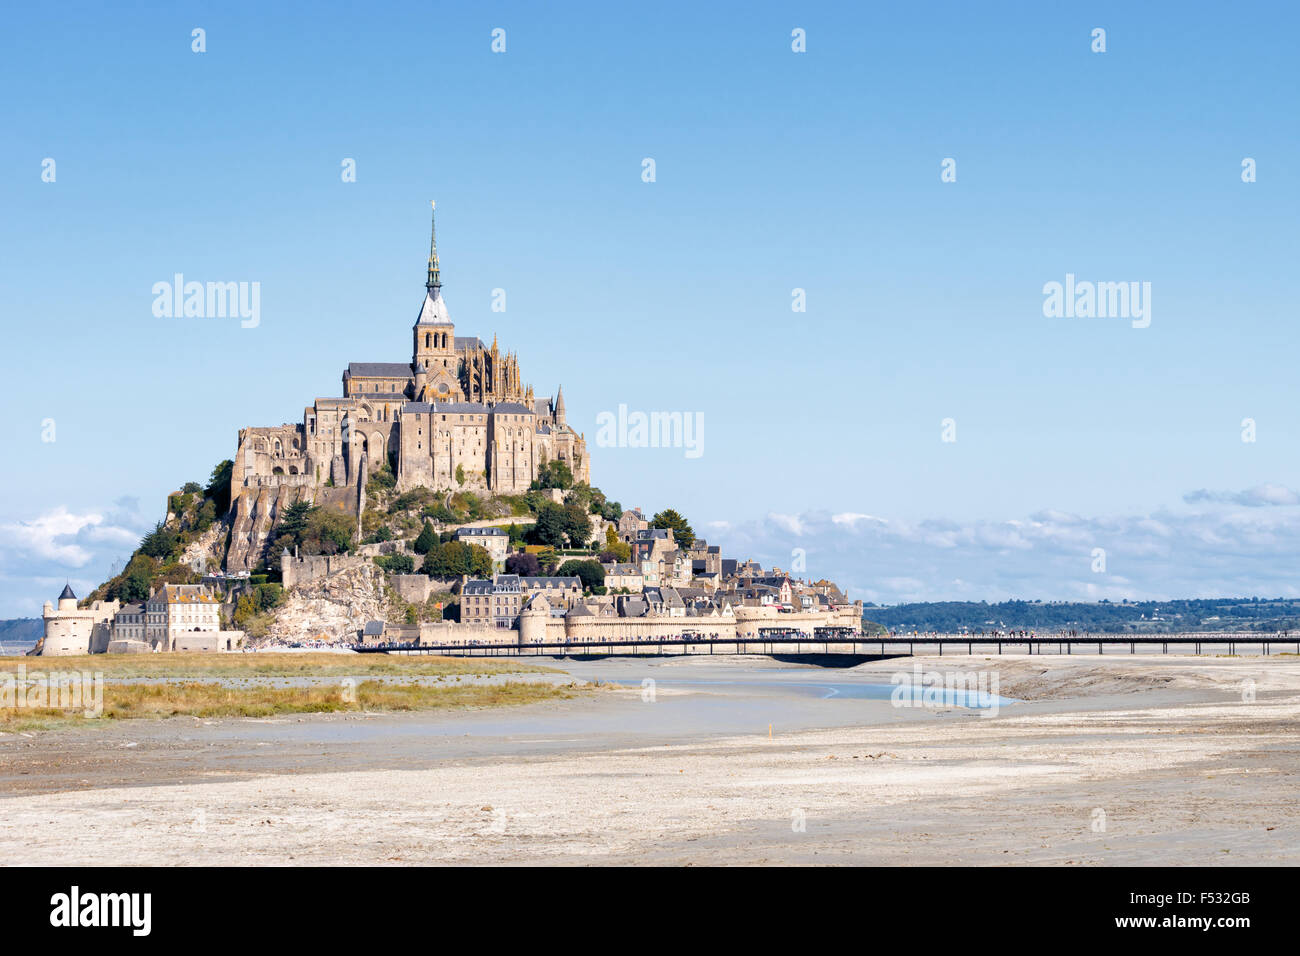 Le Mont Saint Michel, France, Normandy 2015 - Stock Image